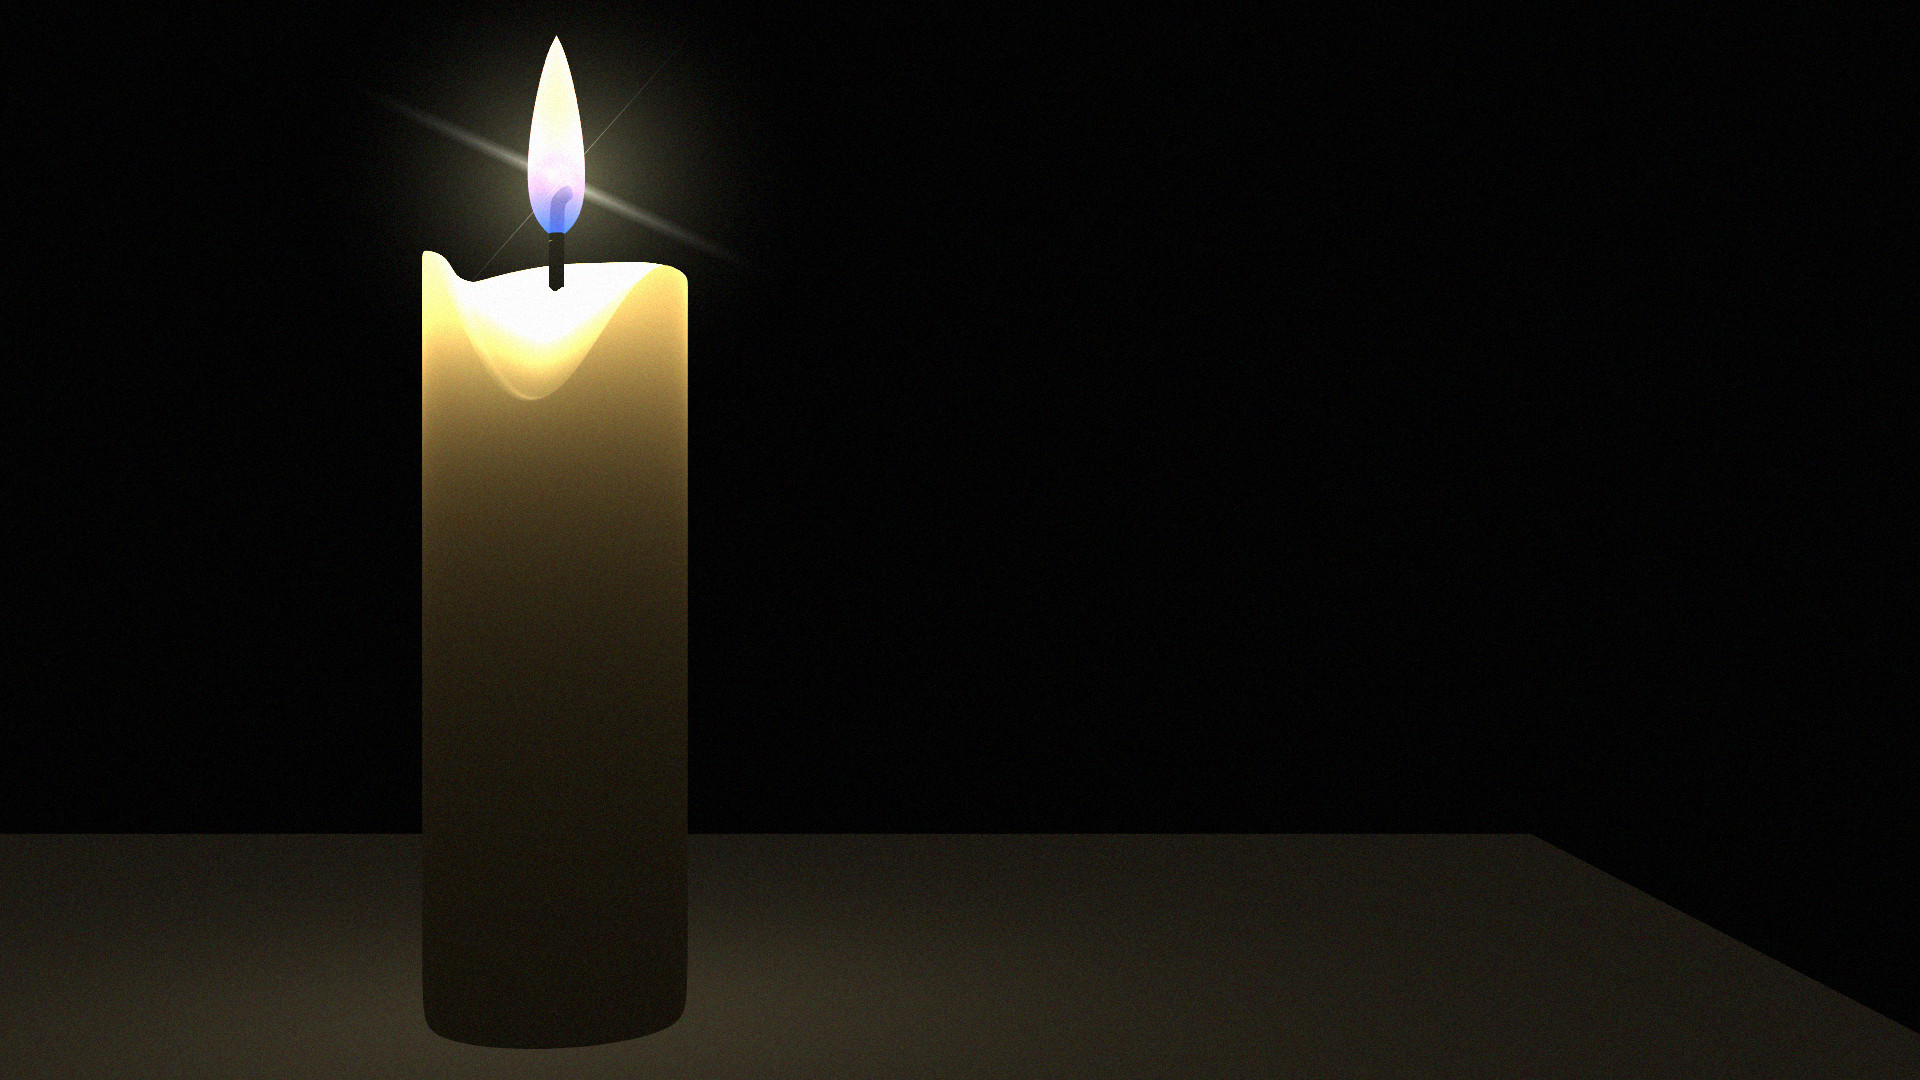 Juan antonio escoto candel